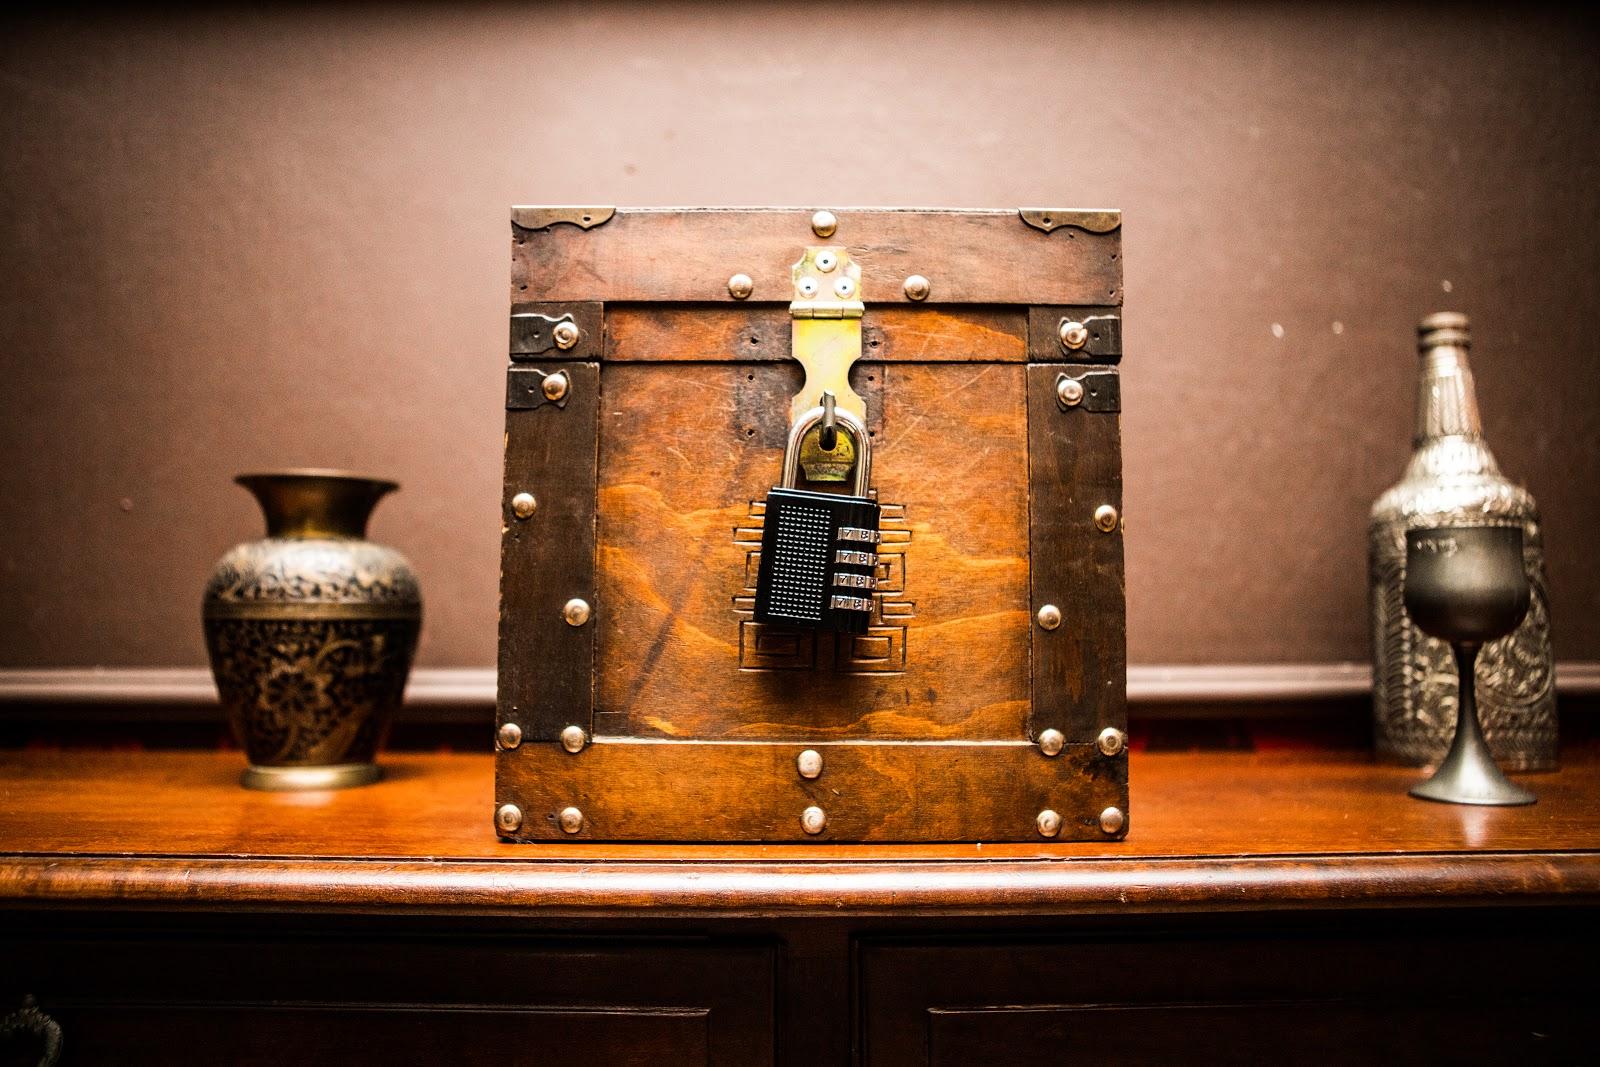 Na imagem, há um baú com um cadeado codificado ao centro. Do lado, dois vasos decorativos.